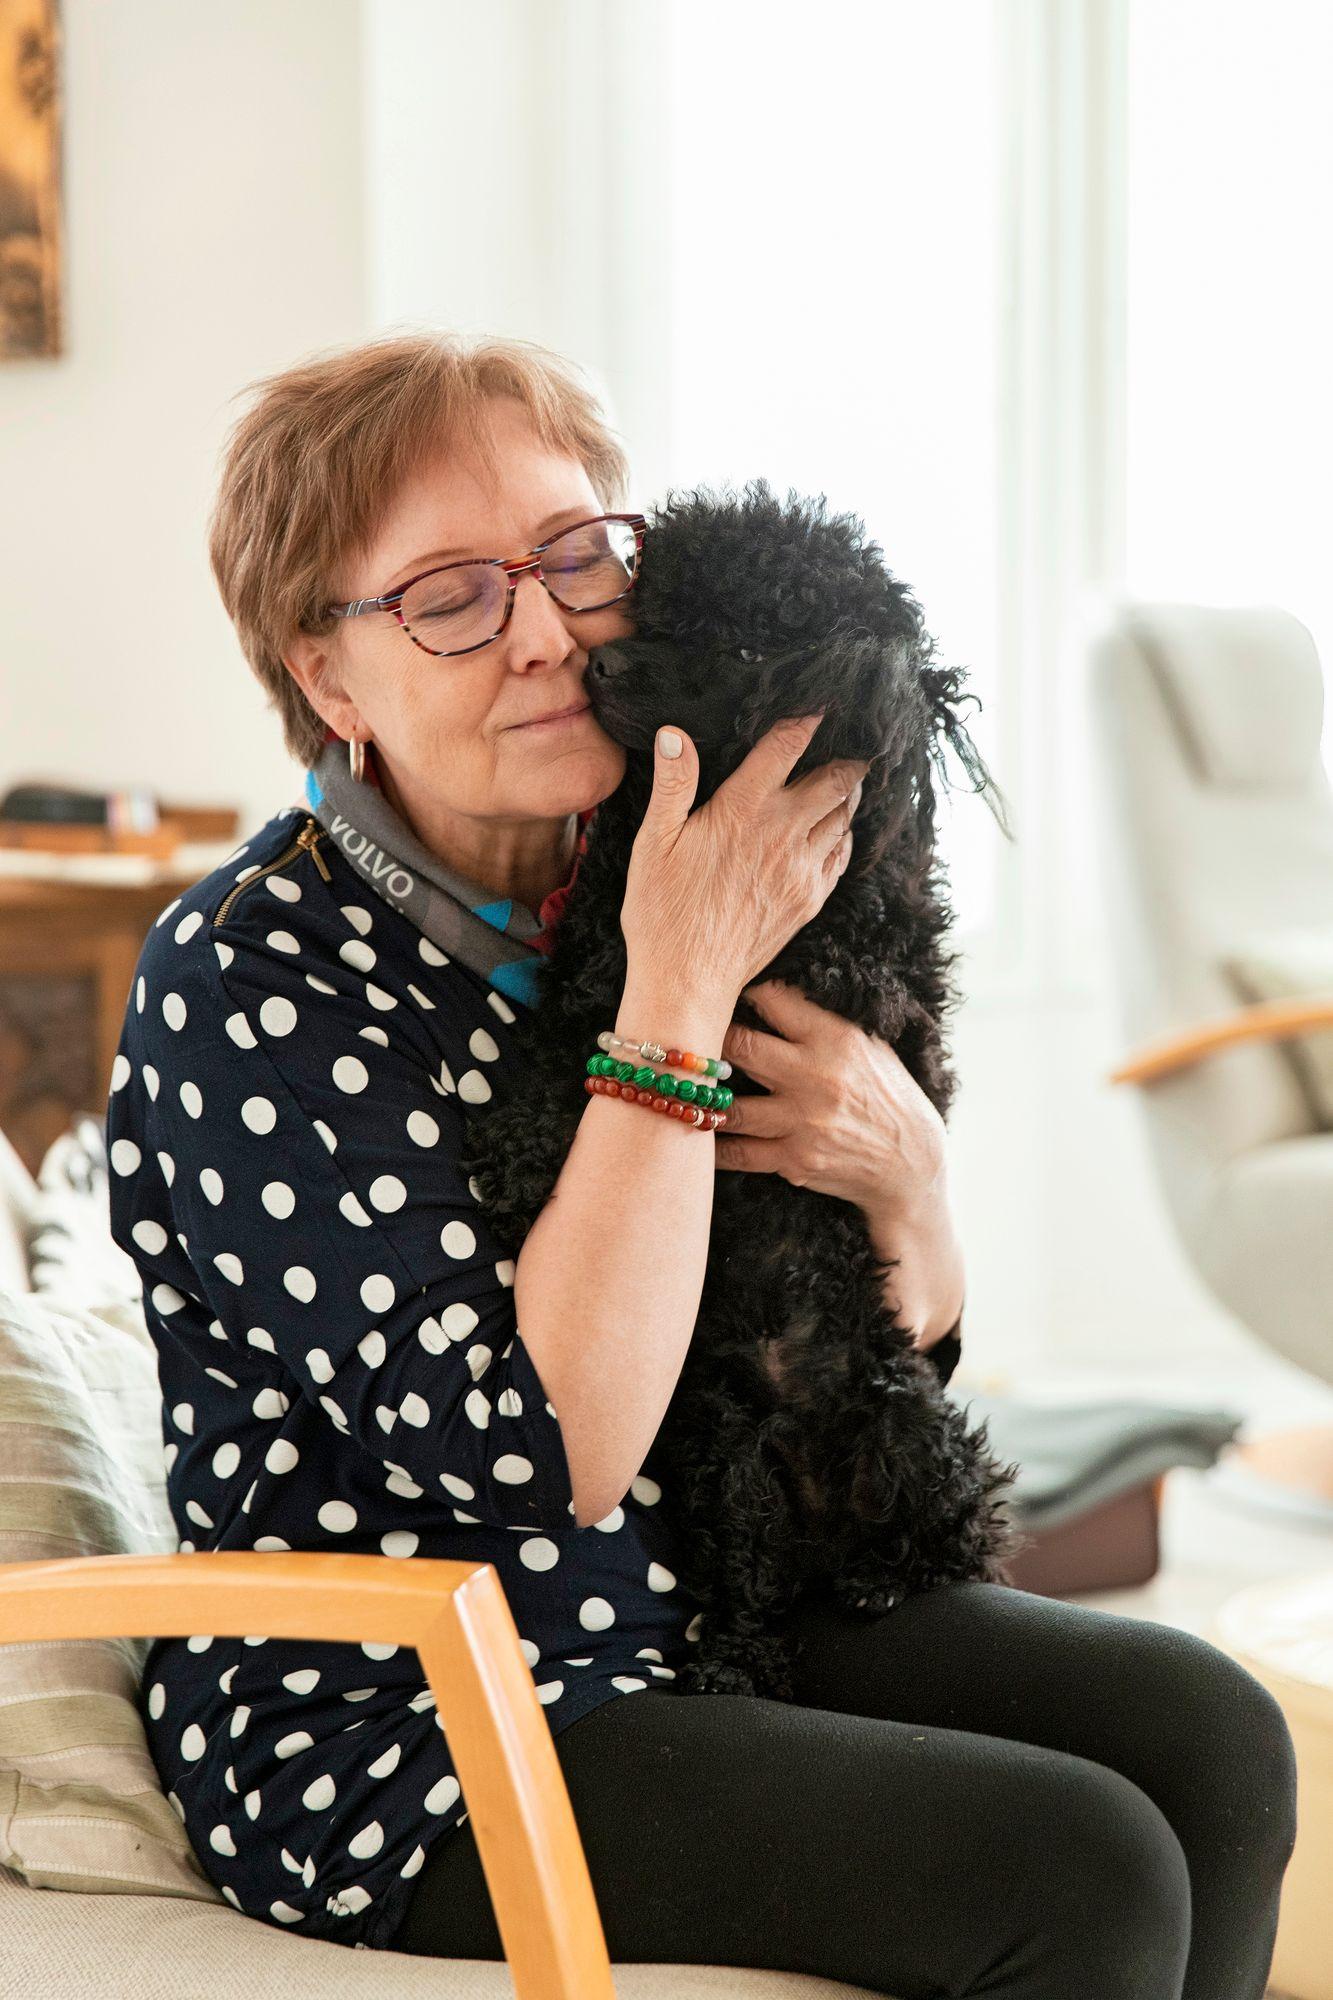 Riitasta koirissa on parasta, että niitä hän voi rakastaa ehdoitta ja niin paljon kuin haluaa. © Tommi Tuomi